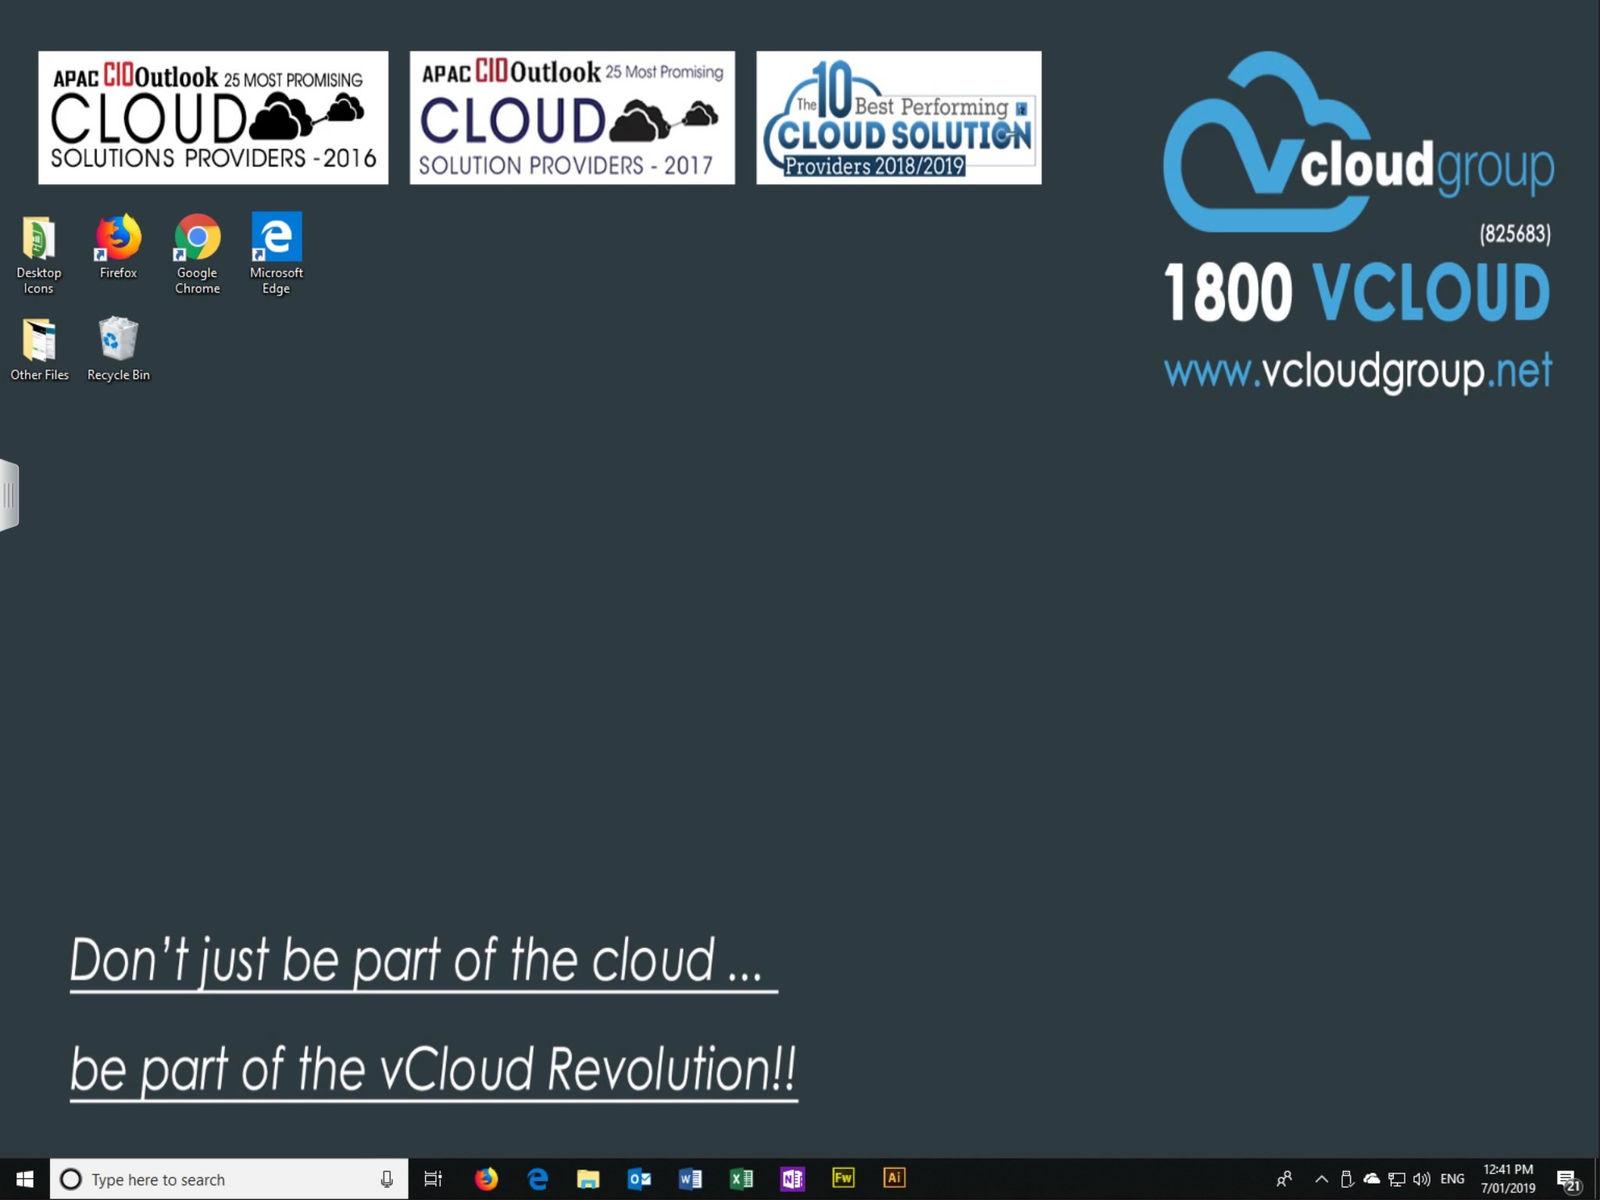 vcloud group desktop